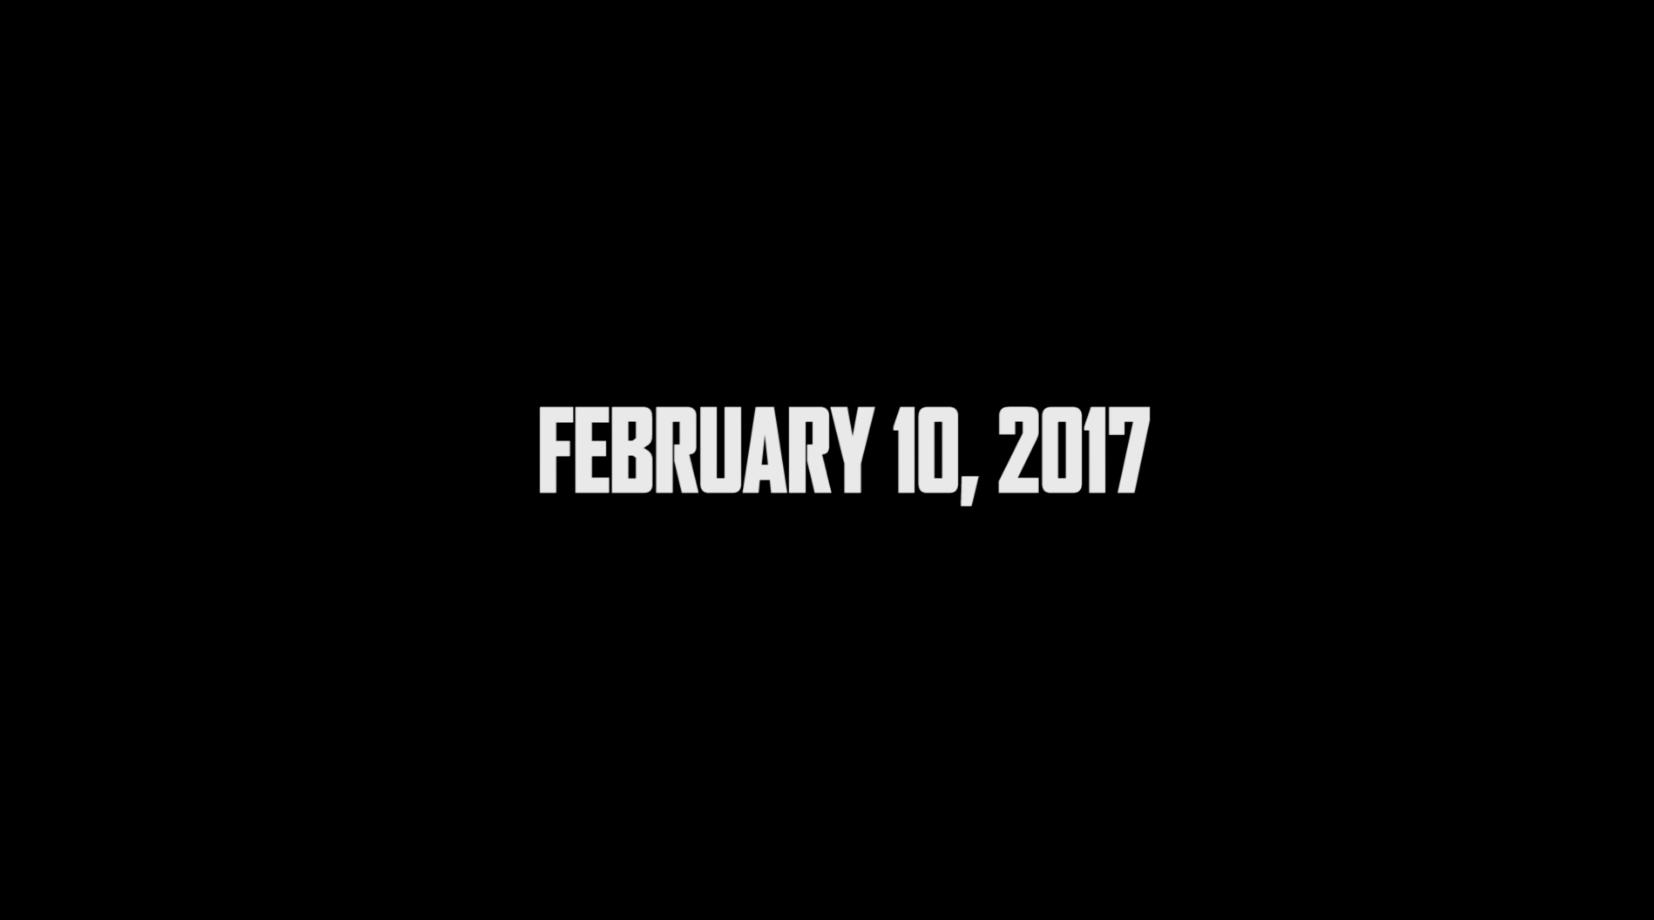 Screen Shot 2017-02-10 at 10.18.31 AM